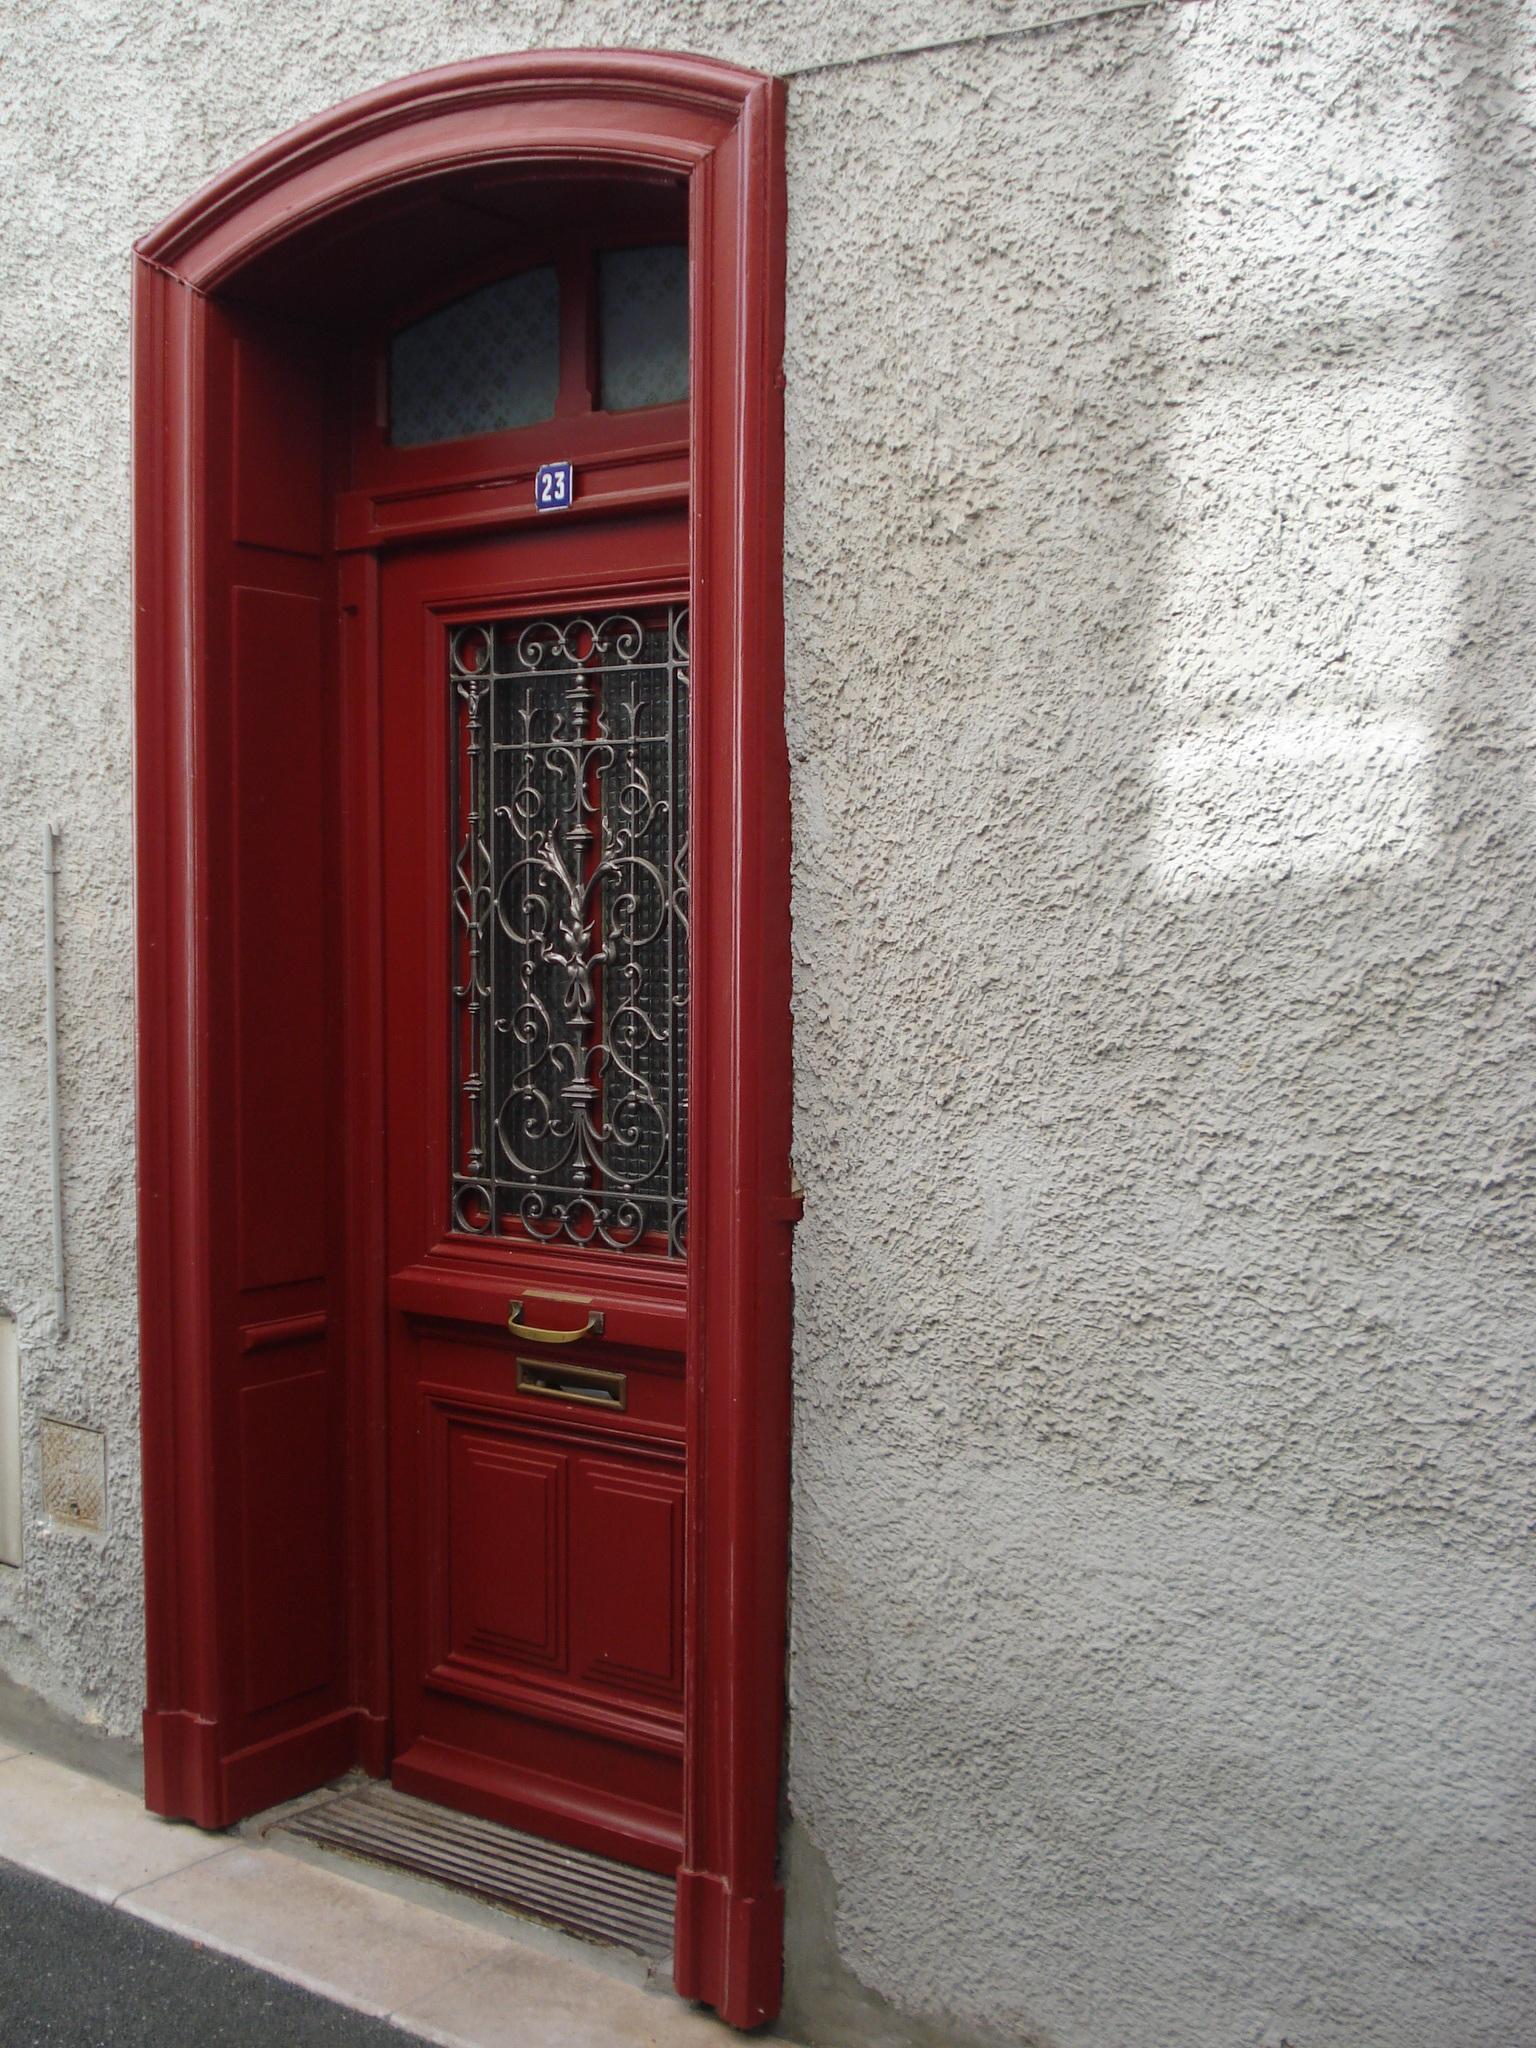 무료 이미지 : 건축물, 거리, 창문, 건물, 시티, 현관, 빨간, 정면 ...